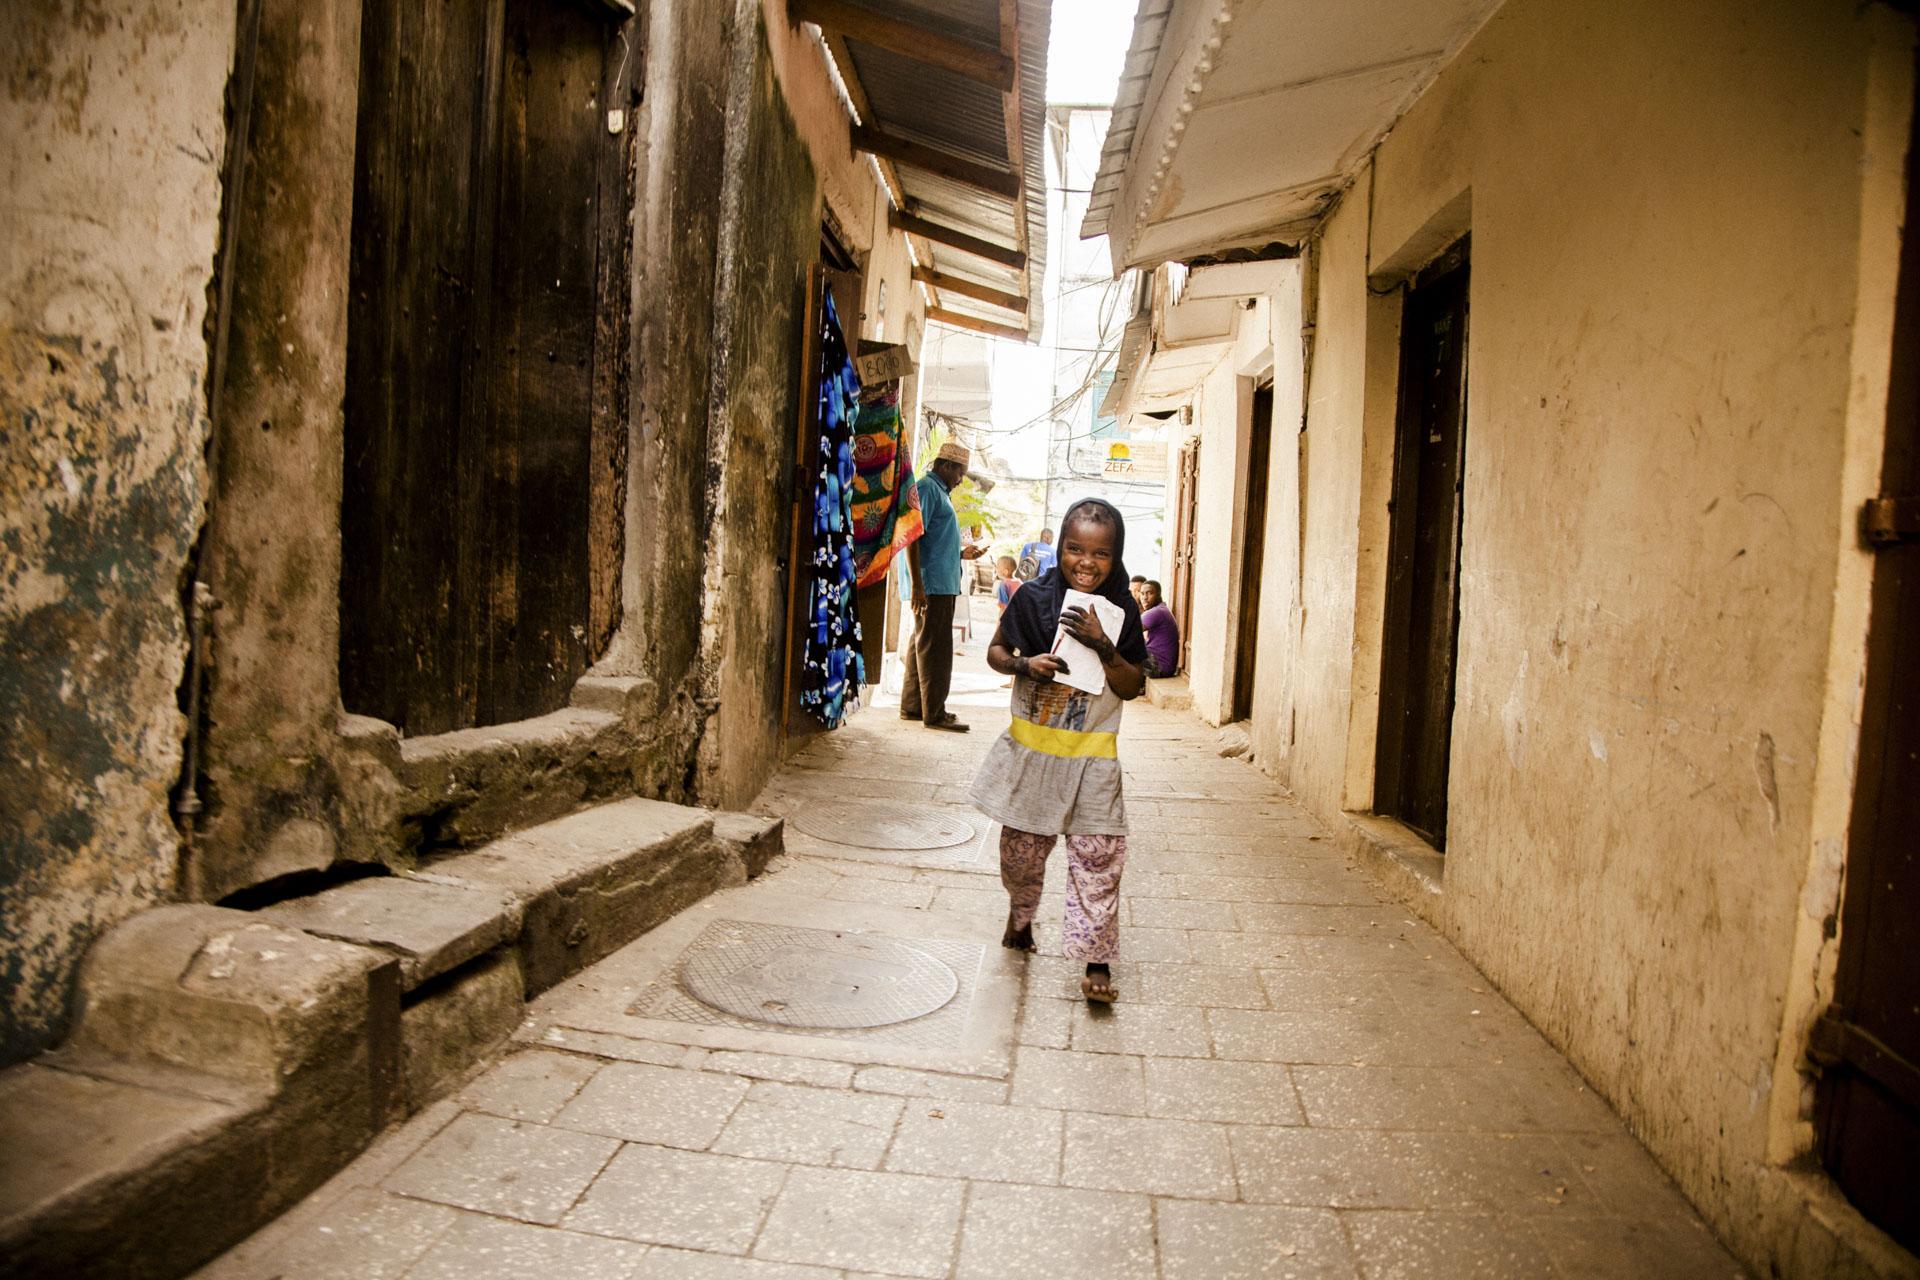 StoneTown Zanzibar, Straßenfotografie